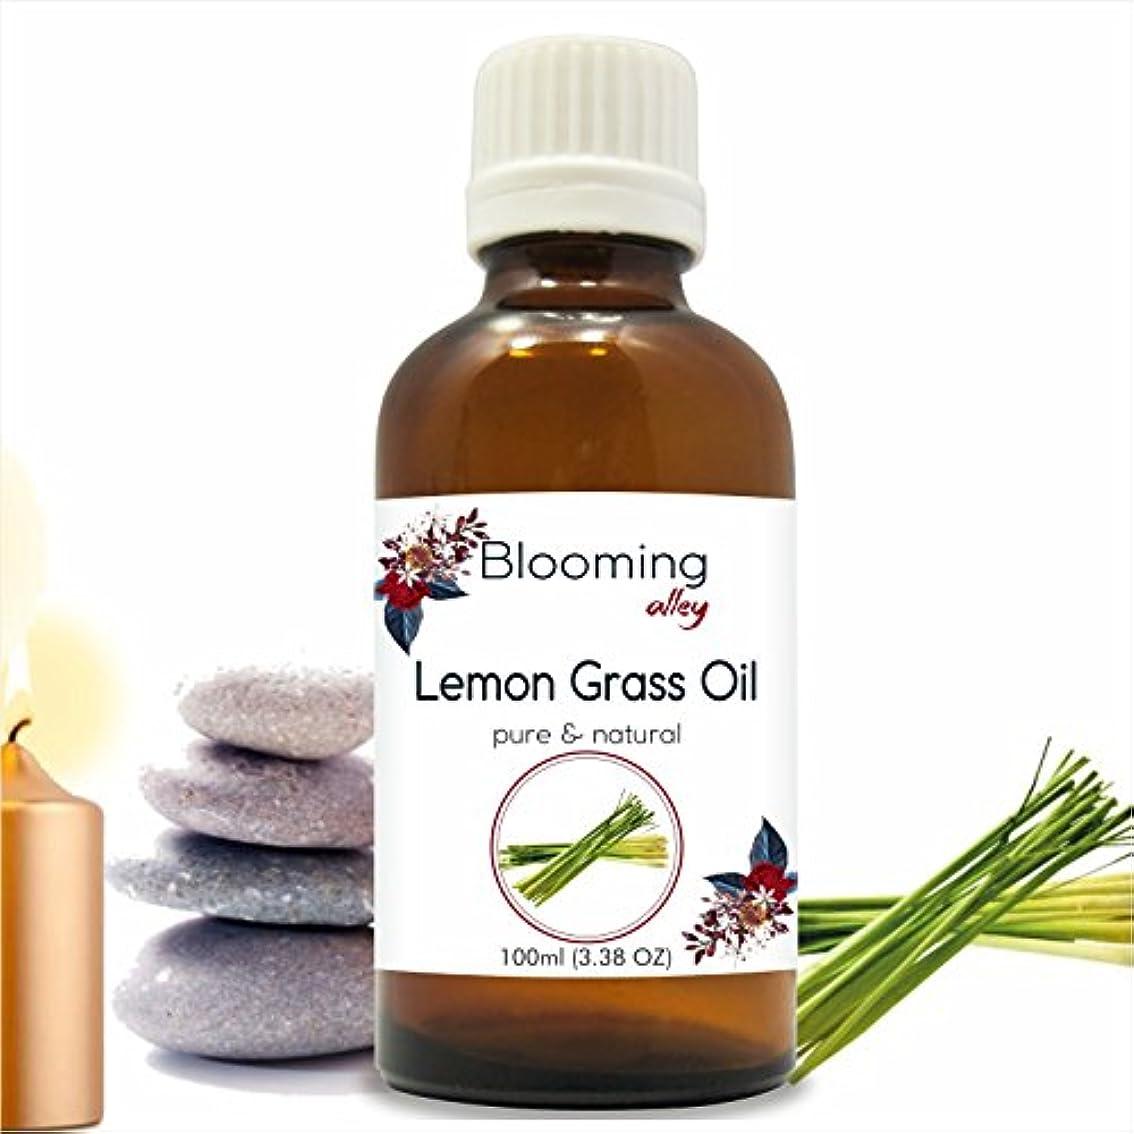 信仰祝福するごめんなさいLemon Grass Oil (Cymbopogon Citratus) Essential Oil 100 ml or 3.38 Fl Oz by Blooming Alley